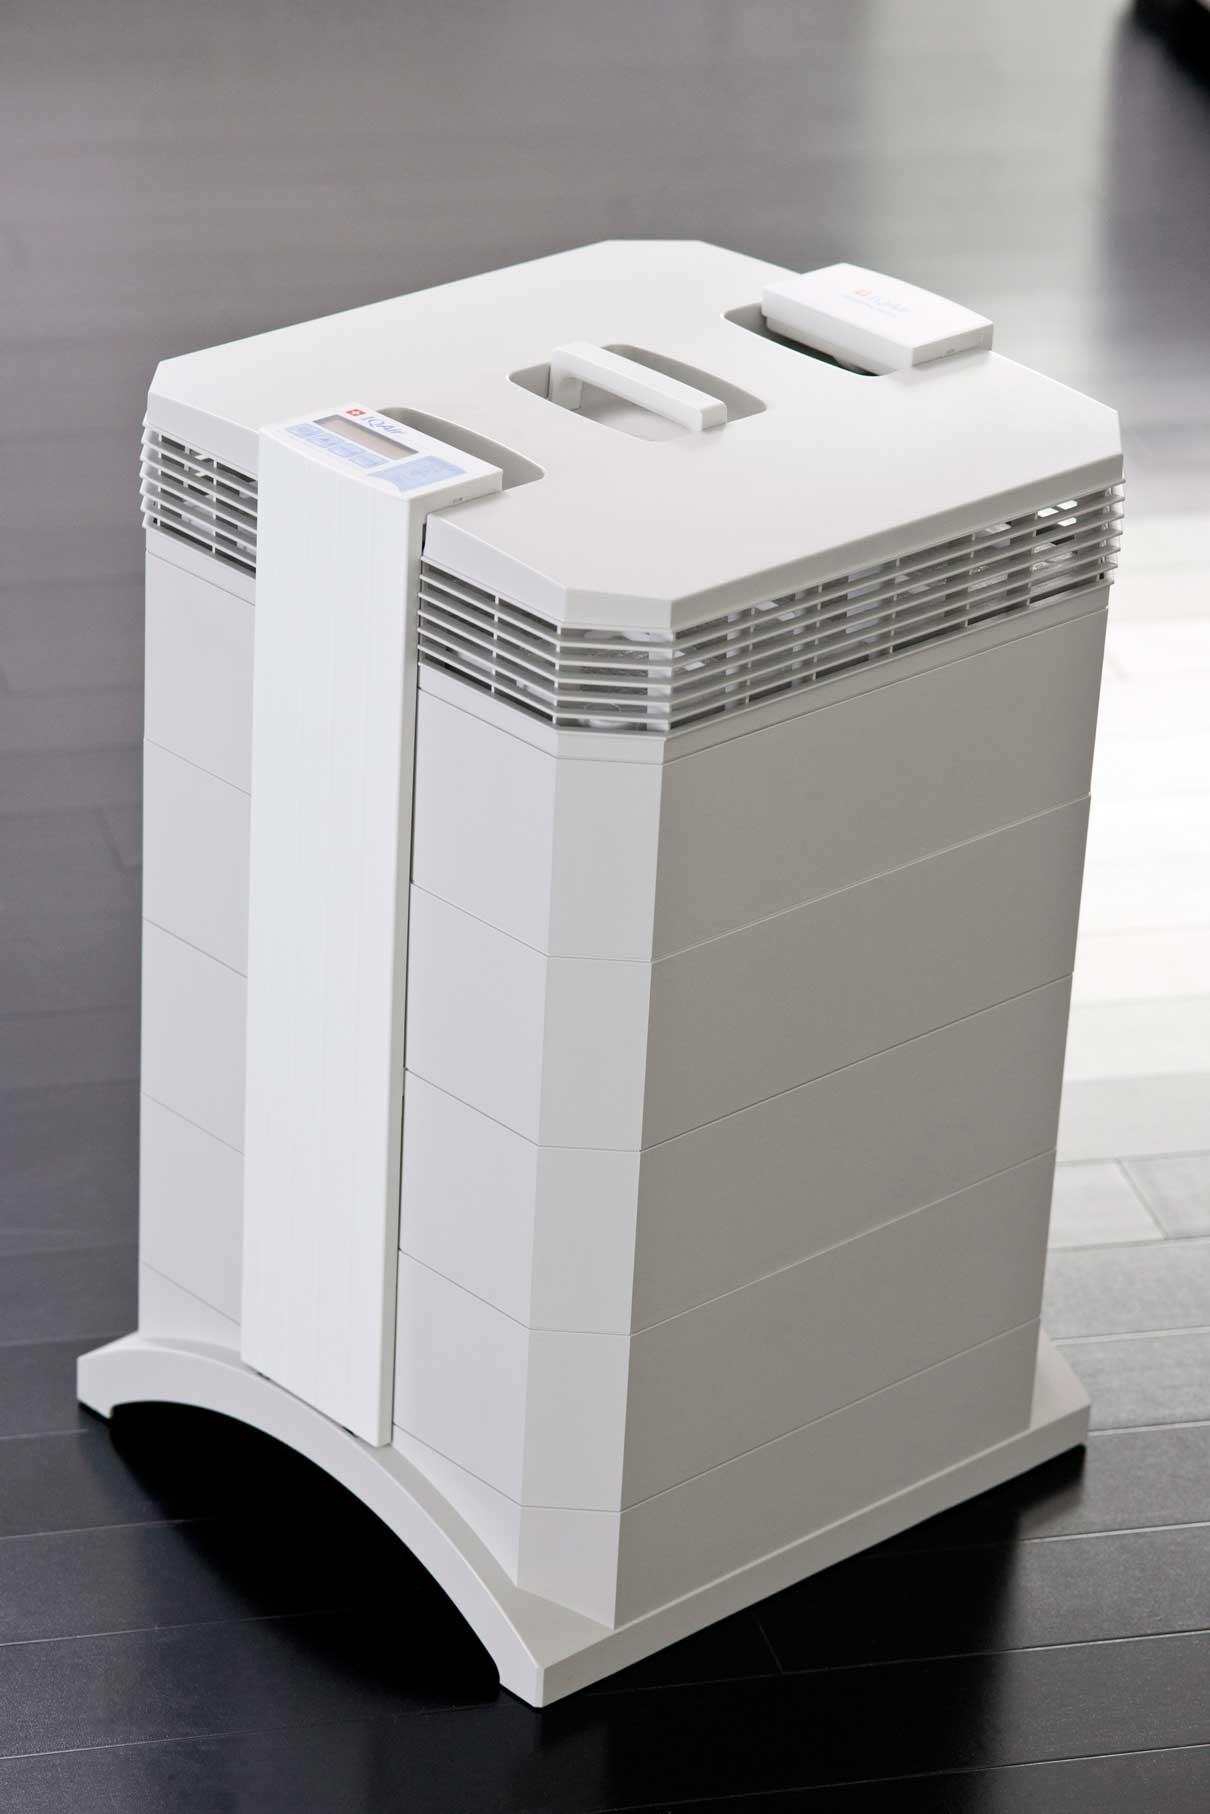 IQAir HealthPro Air Purifier